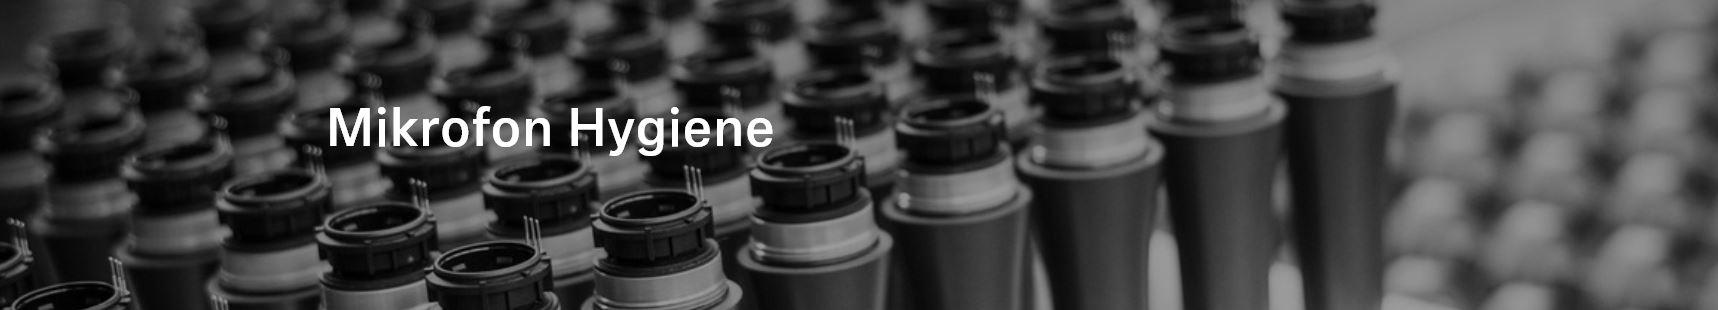 Sennheiser – Mikrofon Hygiene